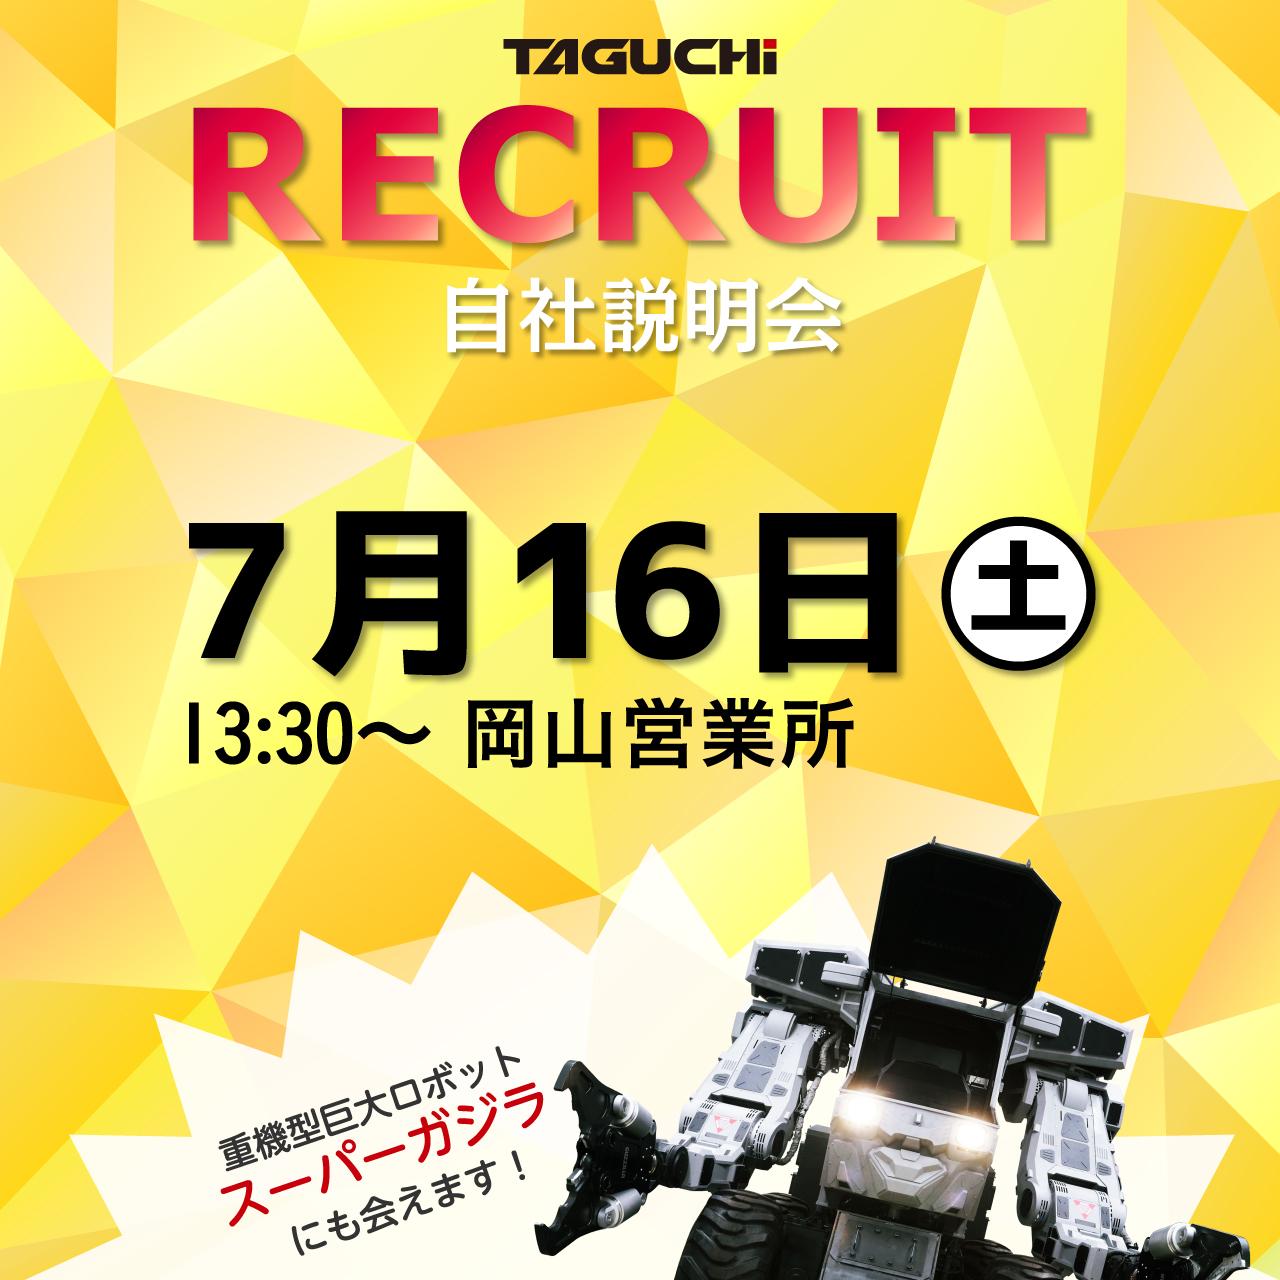 recruit_FB_20160620